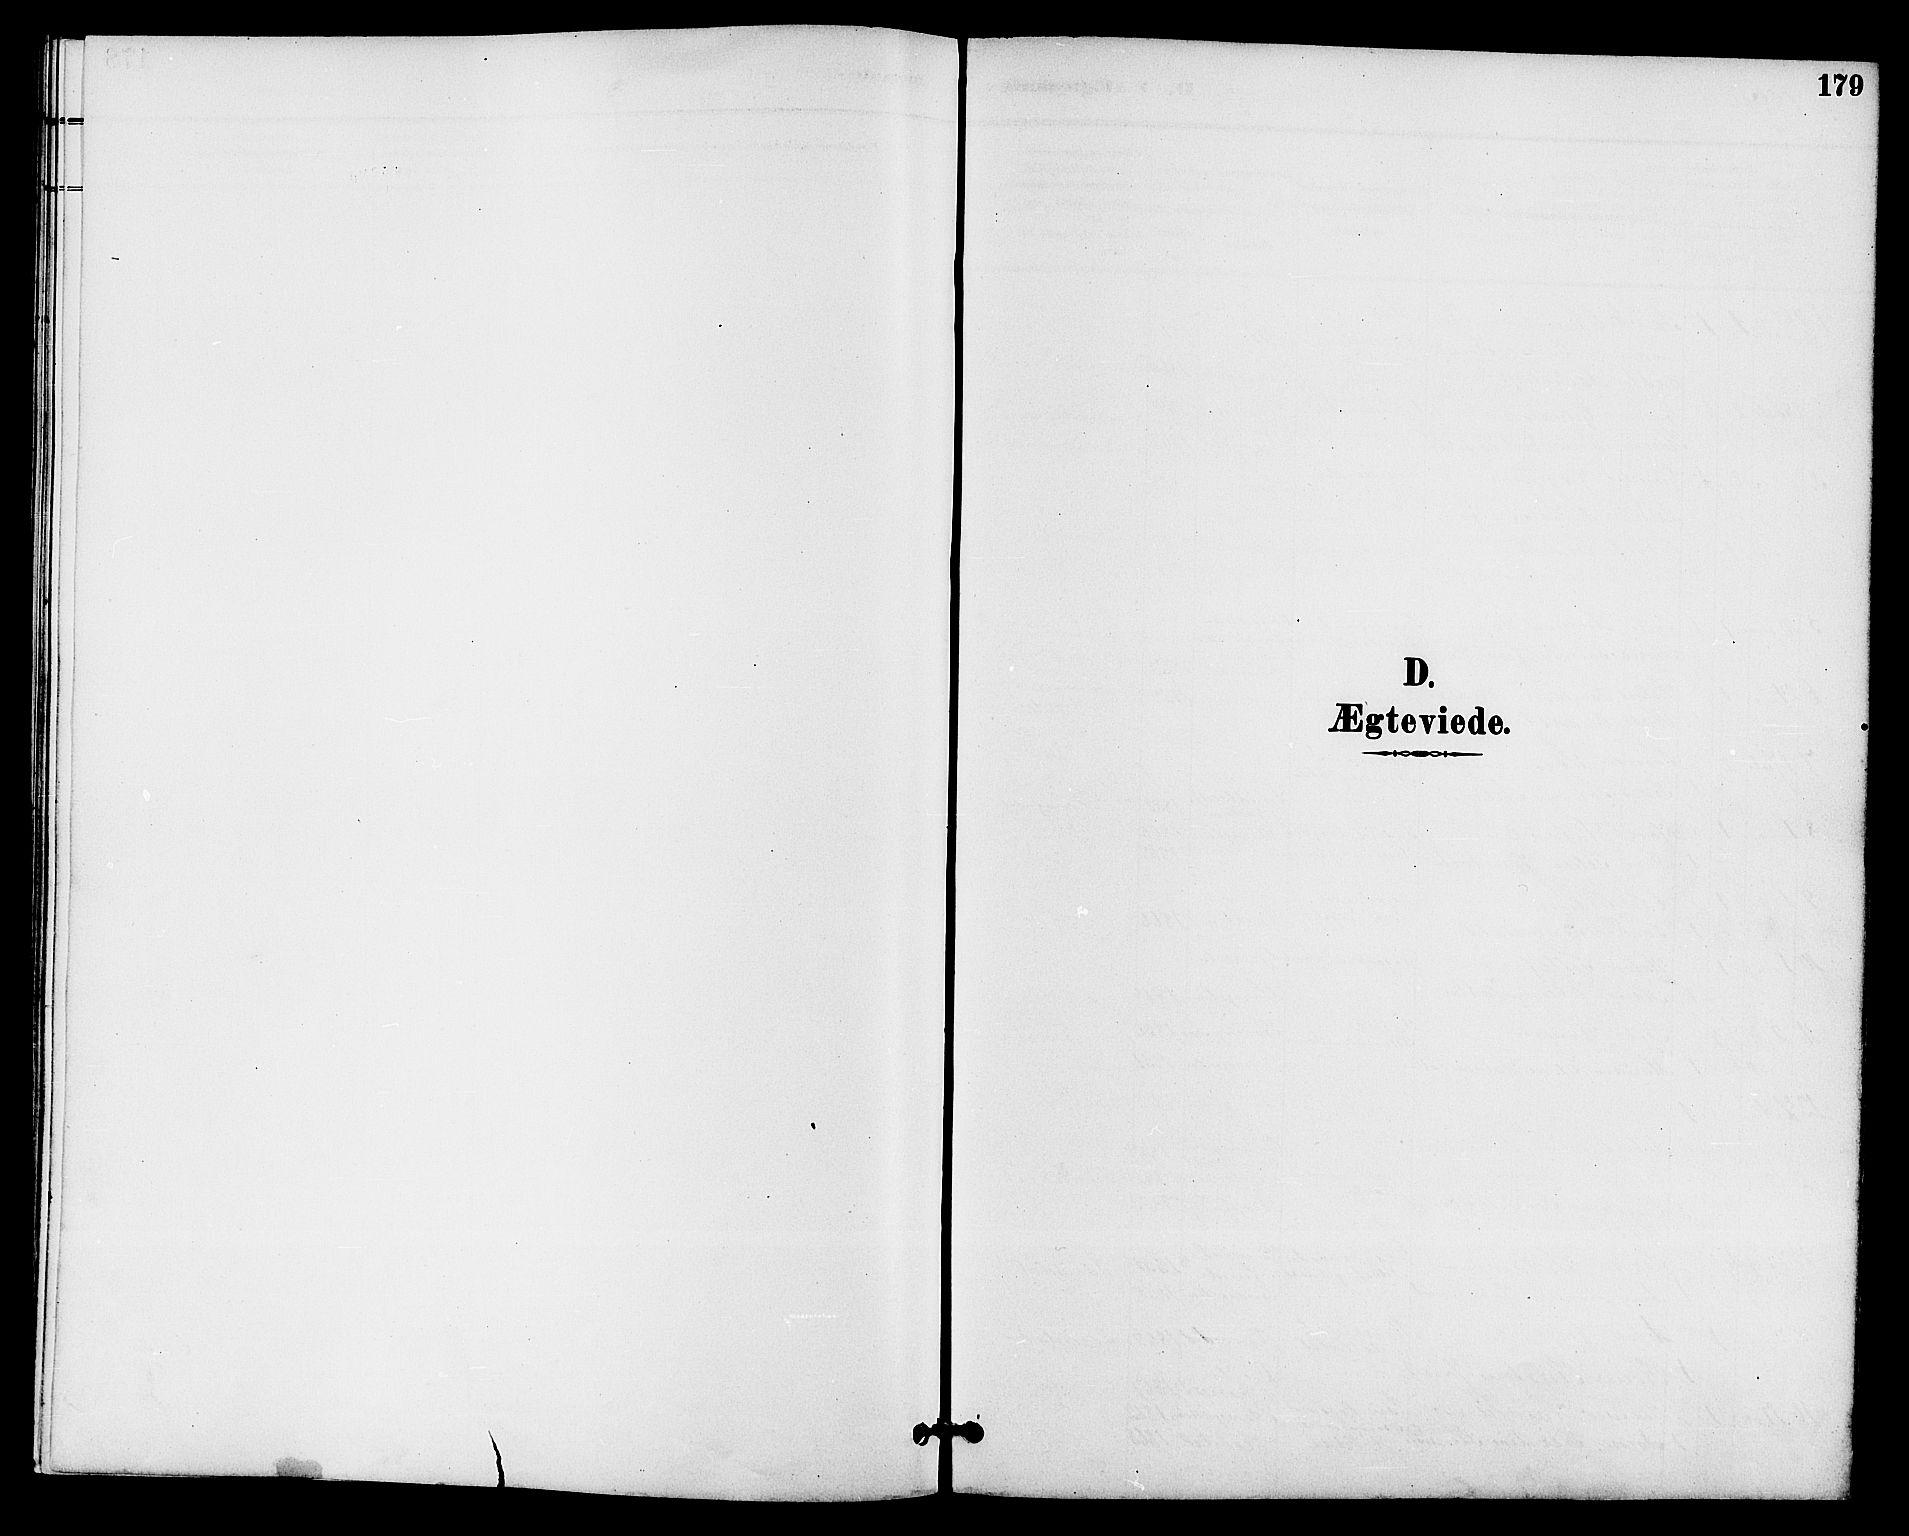 SAKO, Drangedal kirkebøker, G/Ga/L0003: Klokkerbok nr. I 3, 1887-1906, s. 179